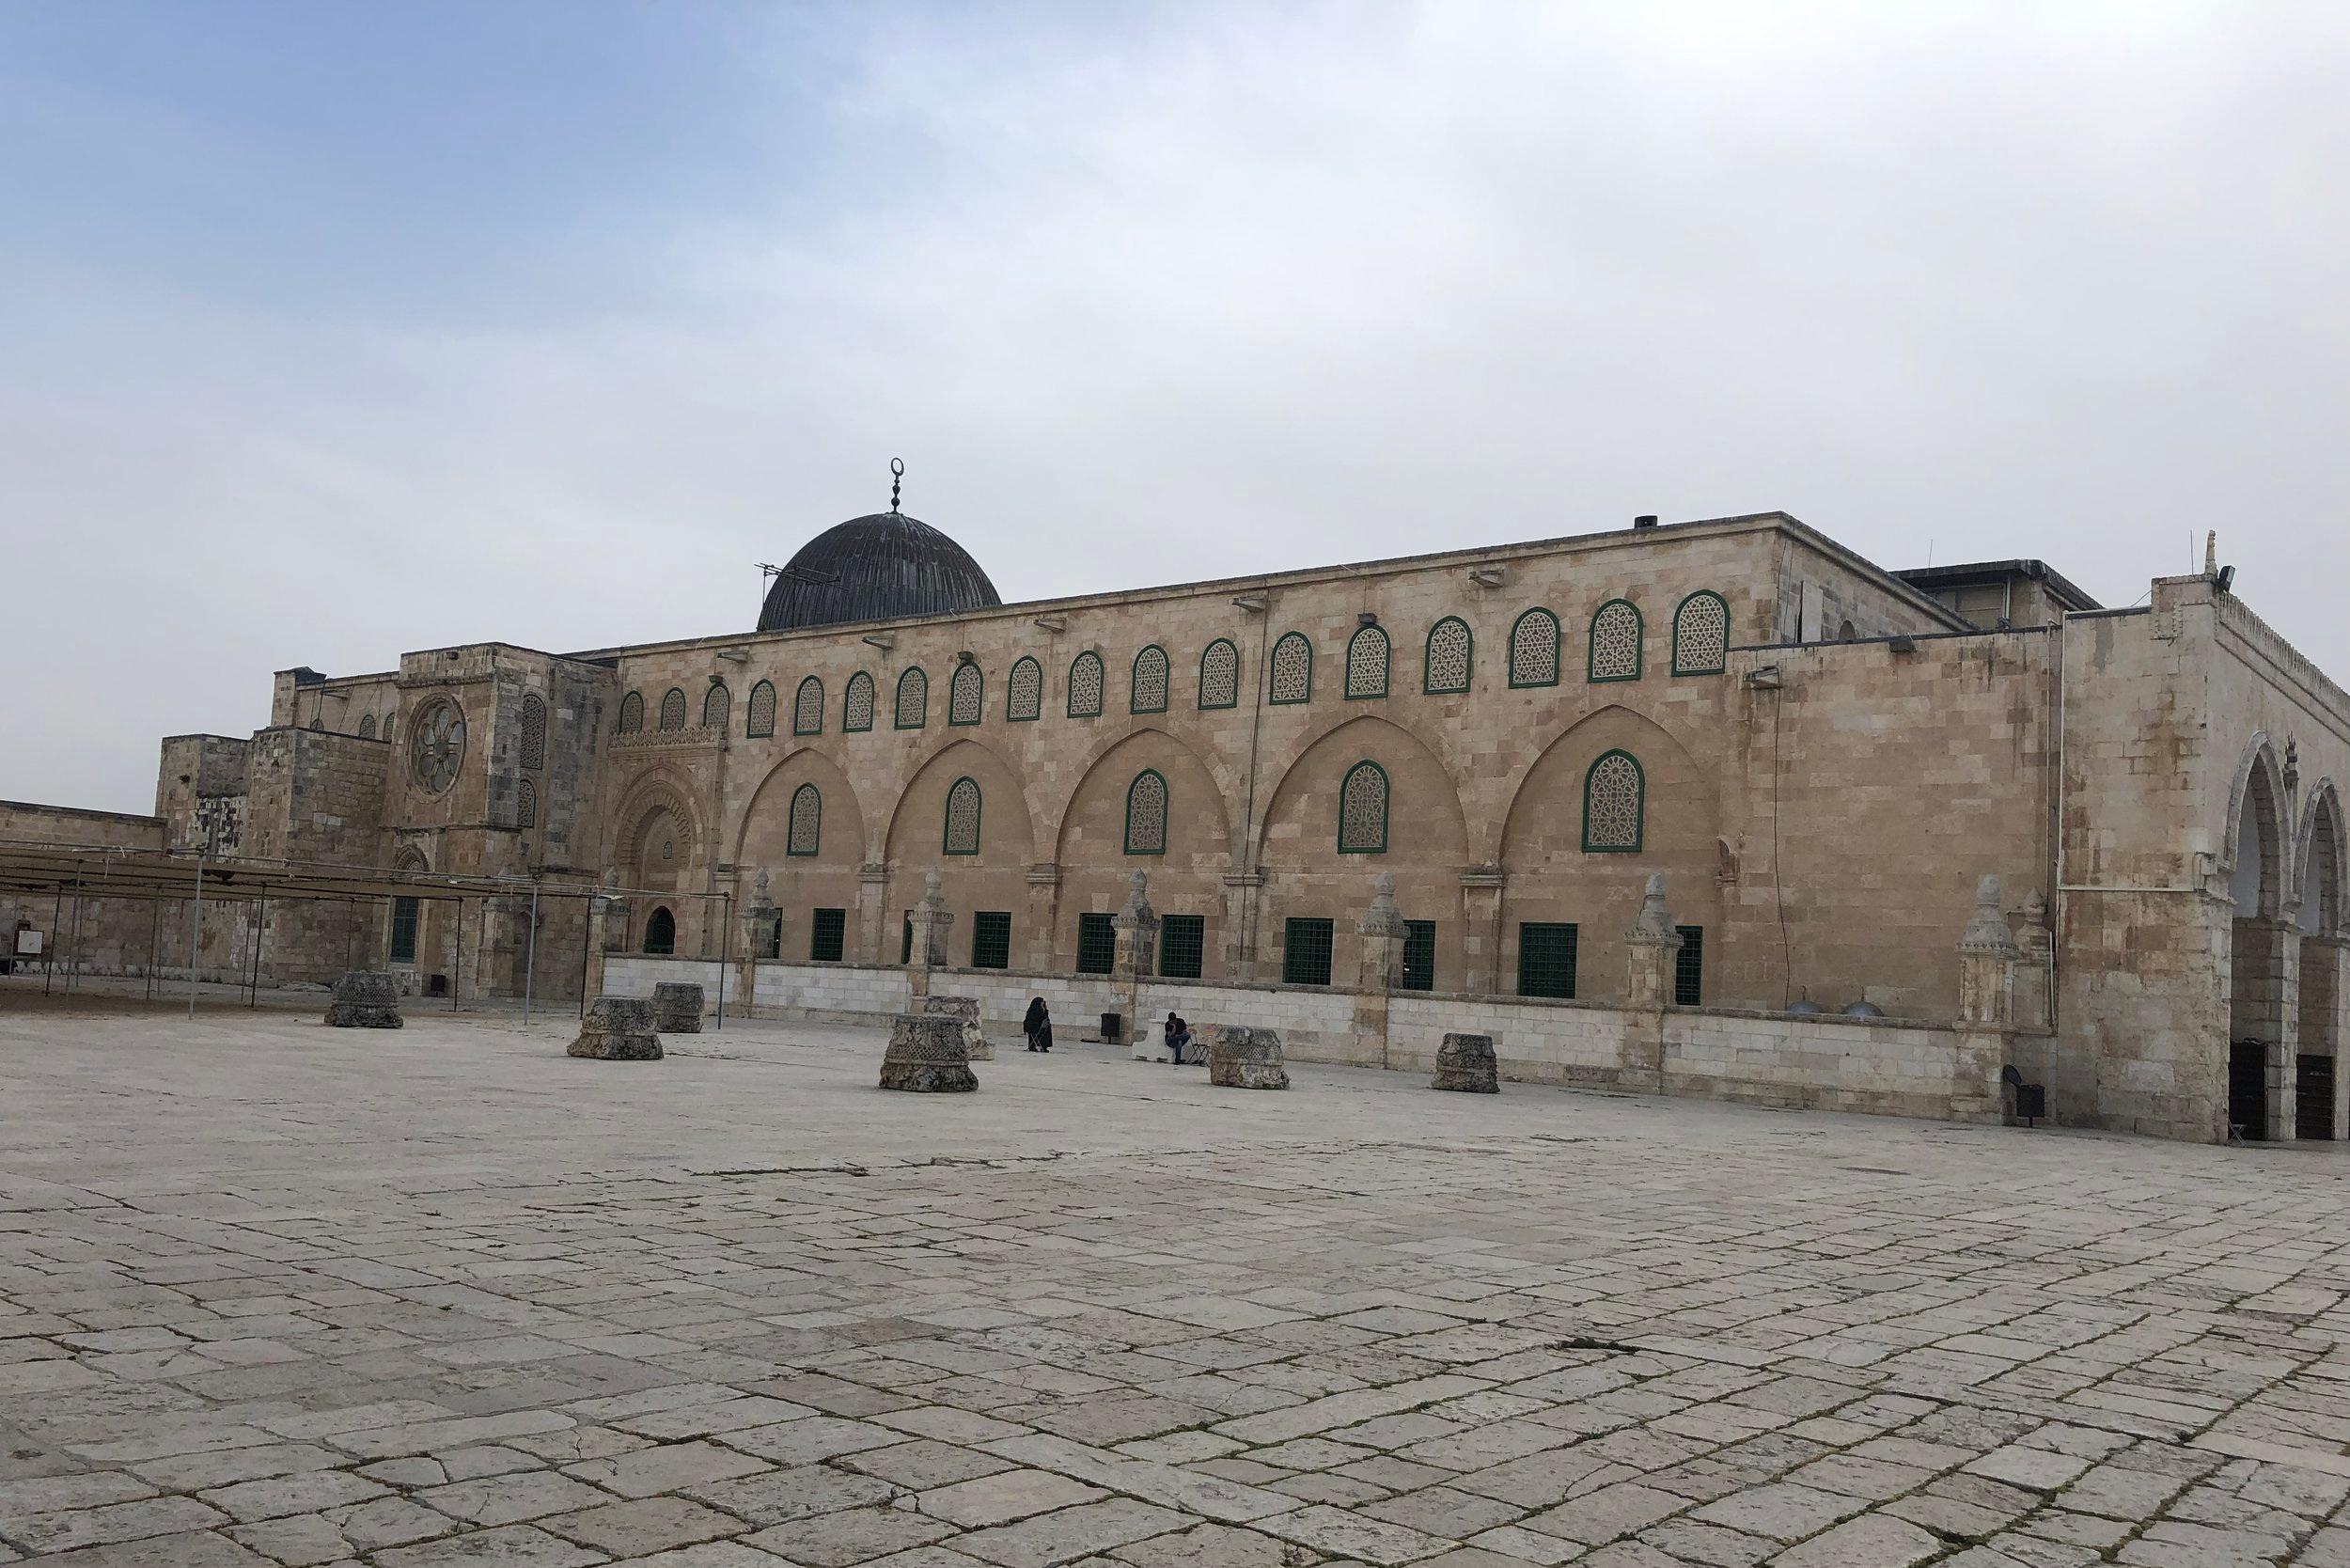 Op het plein staan 5 moskeeën, waaronder Masjid Qibli (deze foto) en Masjid Qubbat As-Sakhrah (Gouden Rotskoepel).